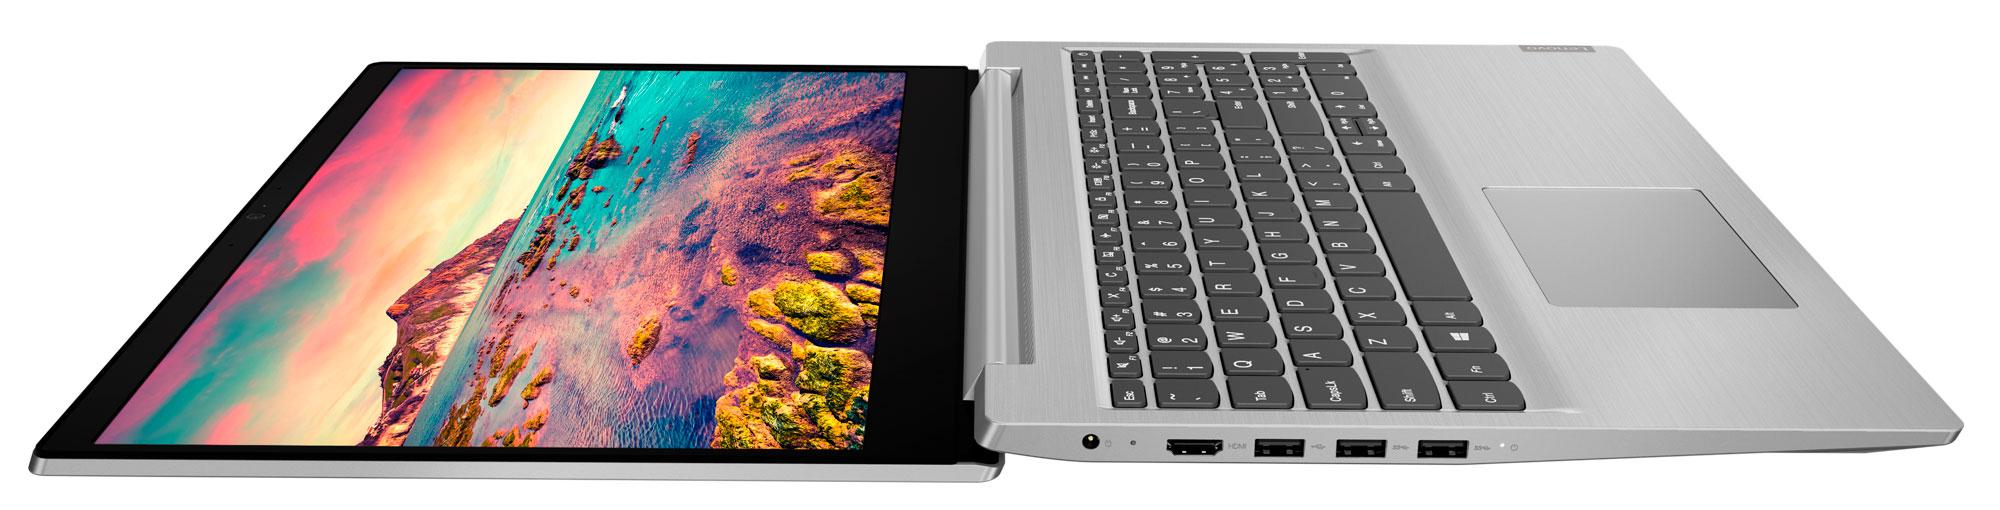 Фото  Ноутбук Lenovo ideapad S145-15 Grey  (81UT0071RE)